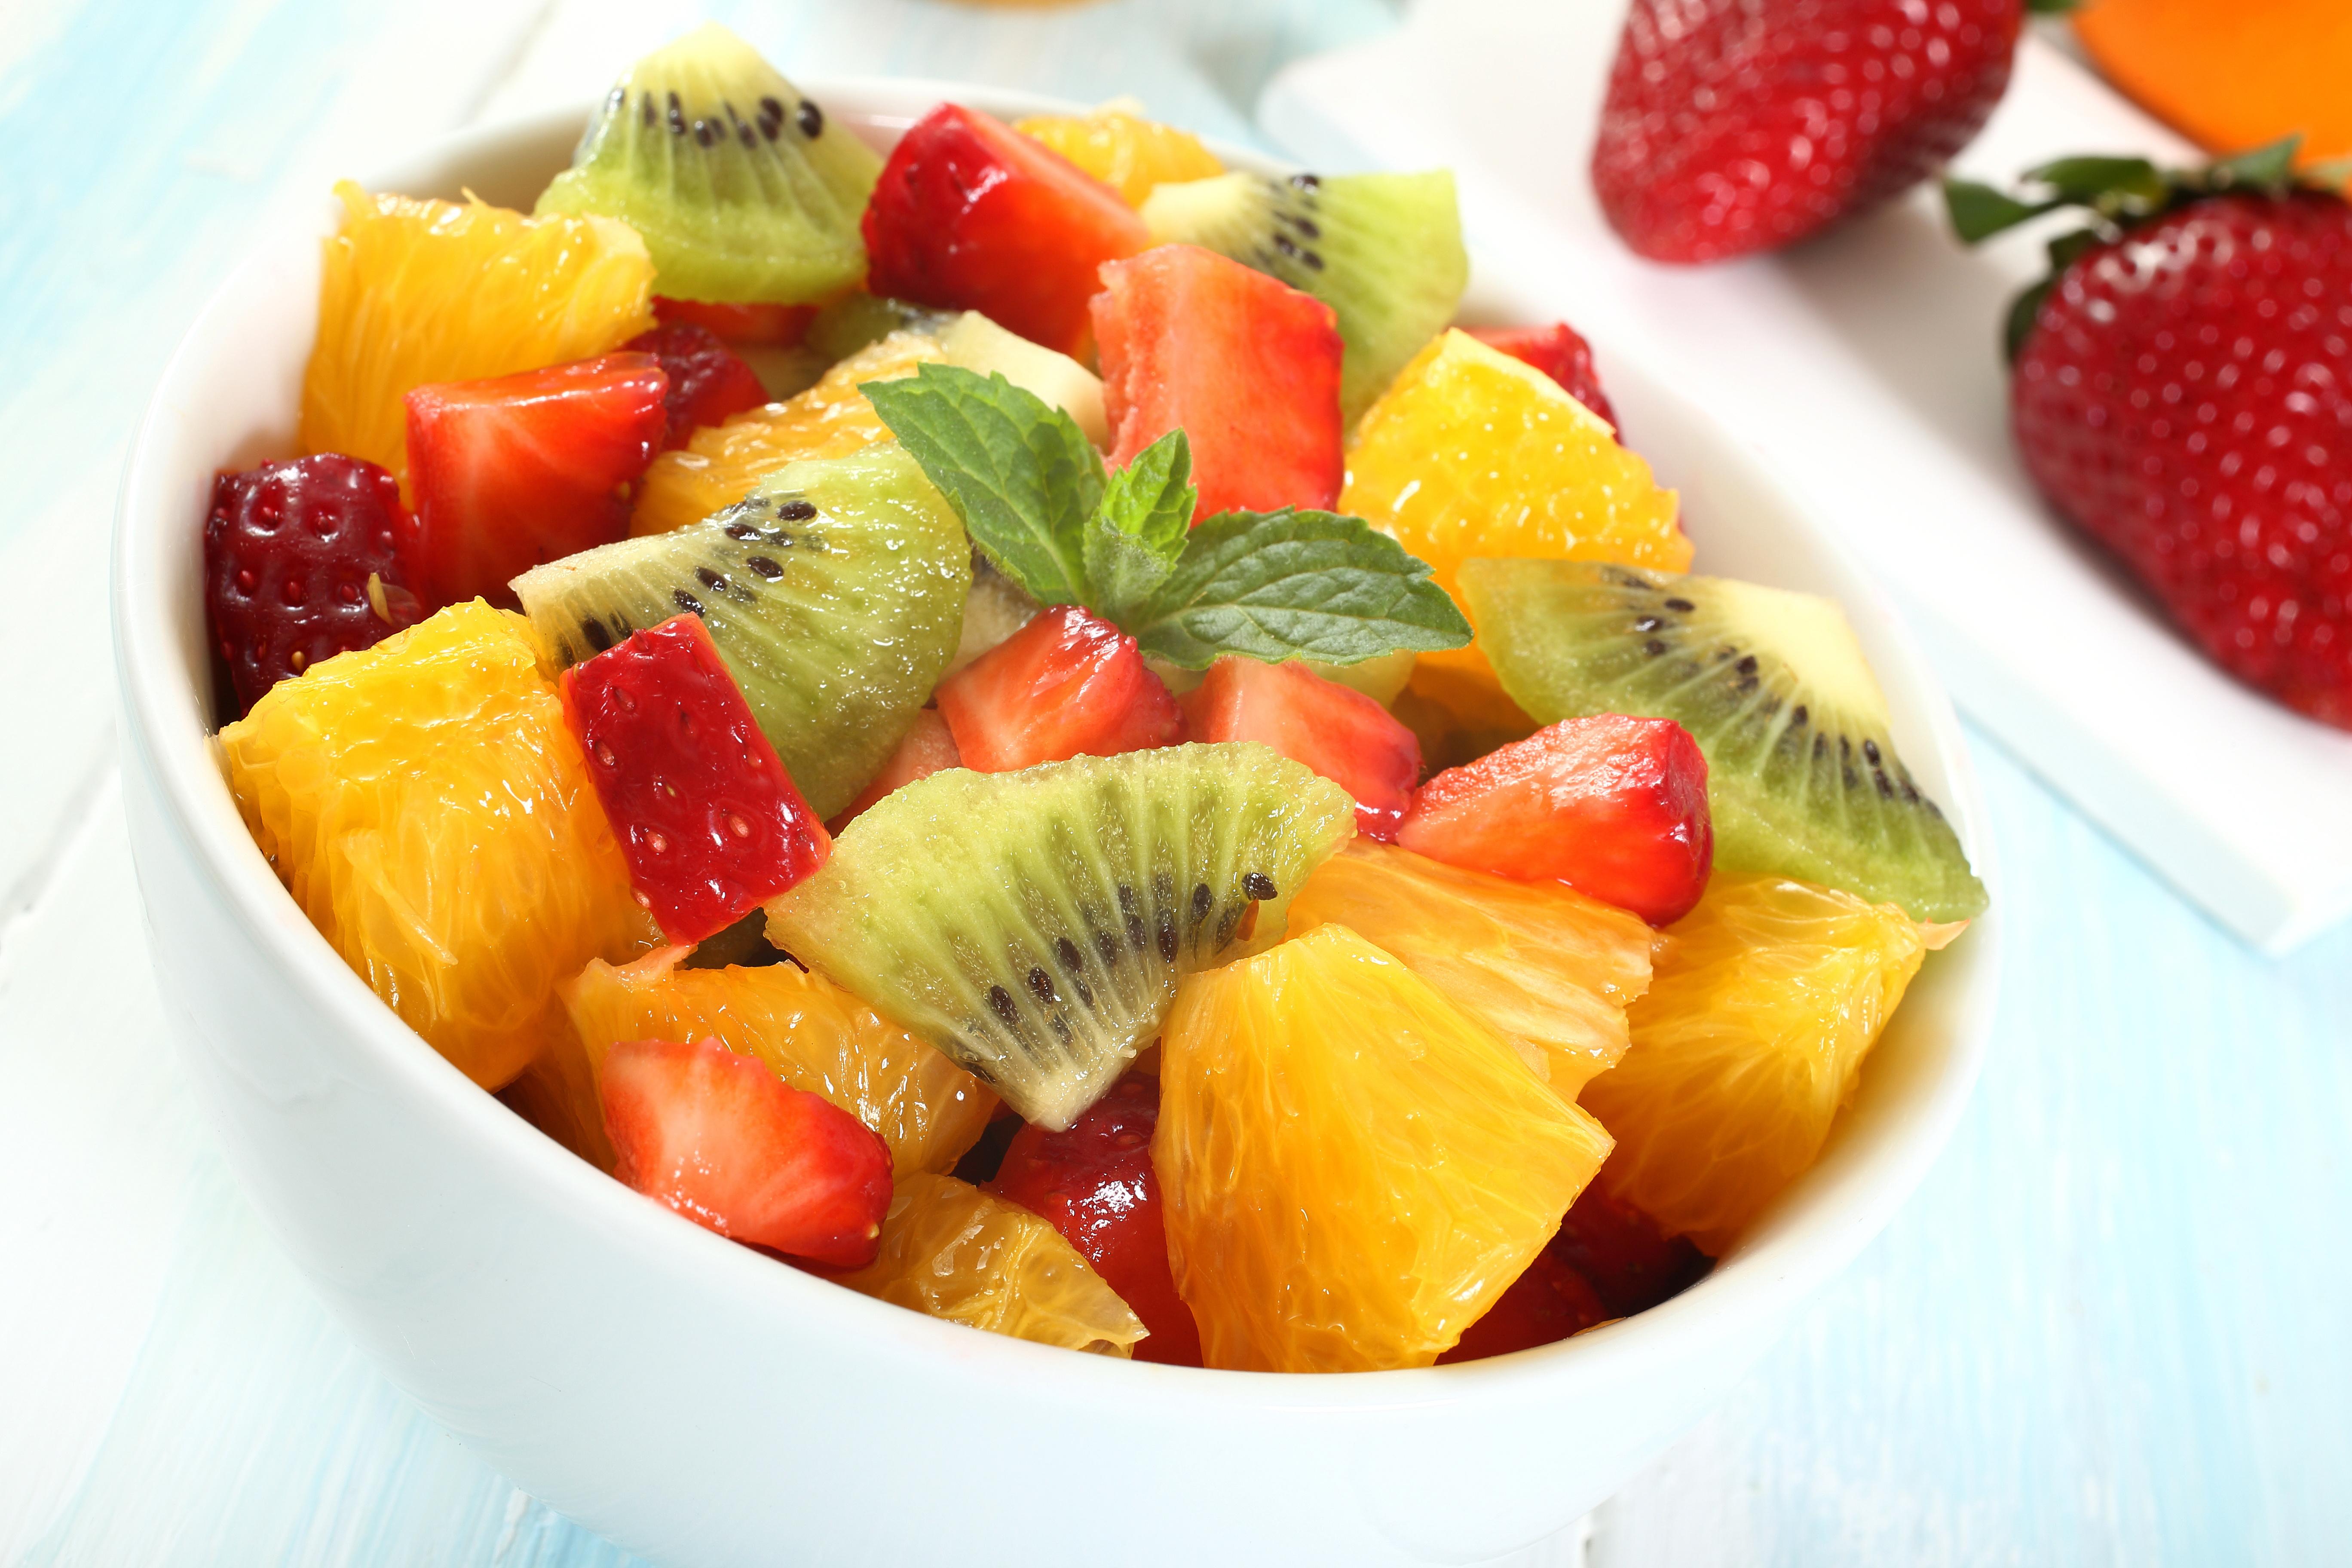 Frutta di stagione la spesa di aprile - Contorno di immagini di frutta ...